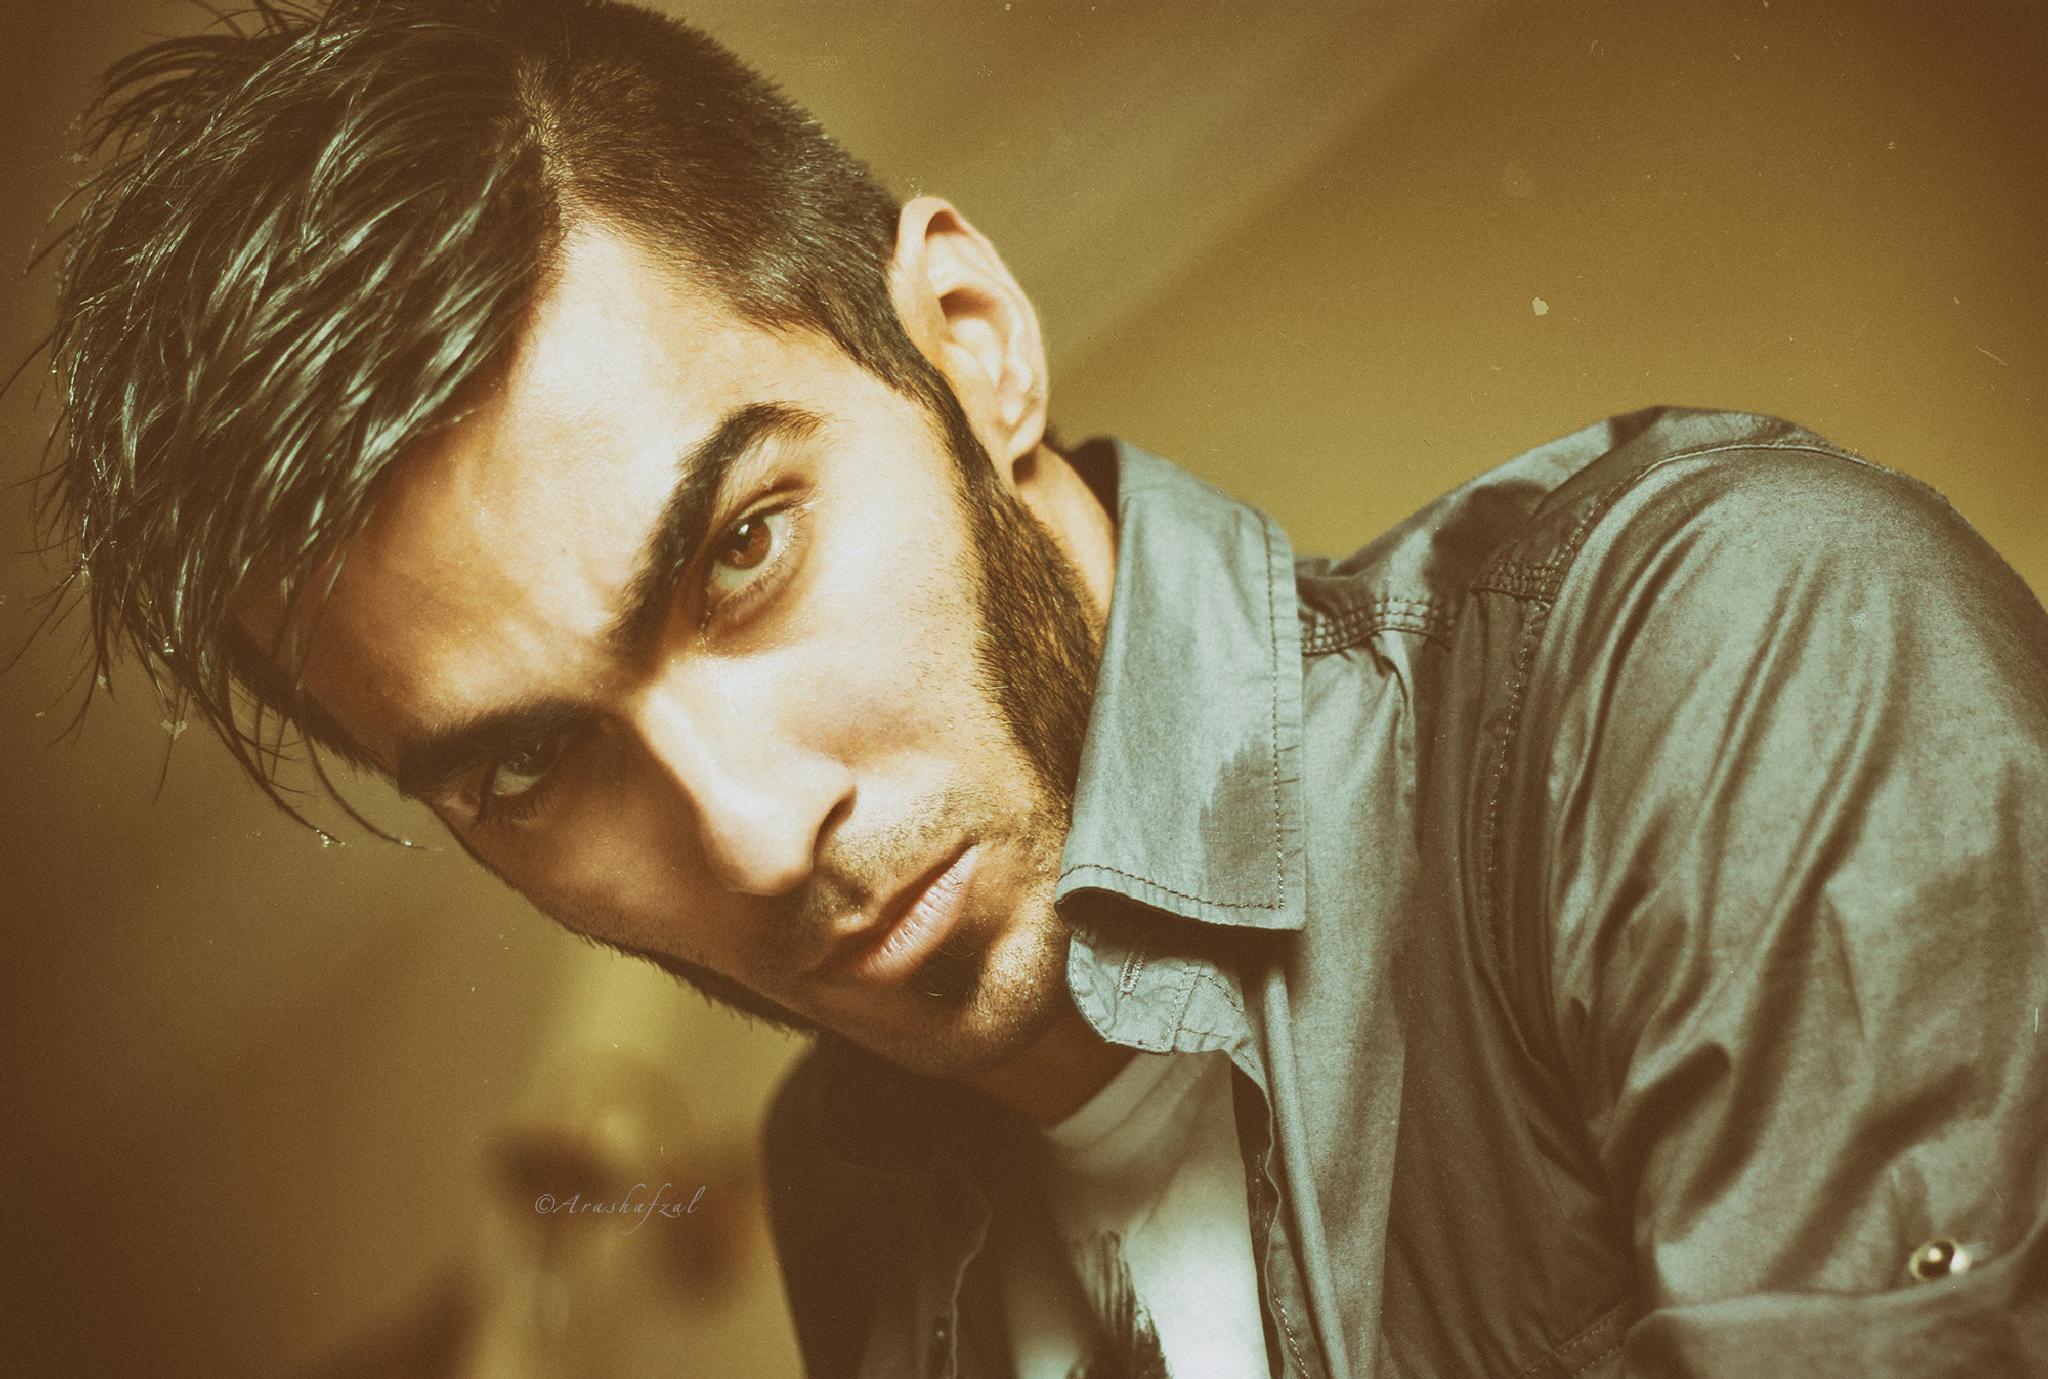 #portrait Alpha  by Arashafzal